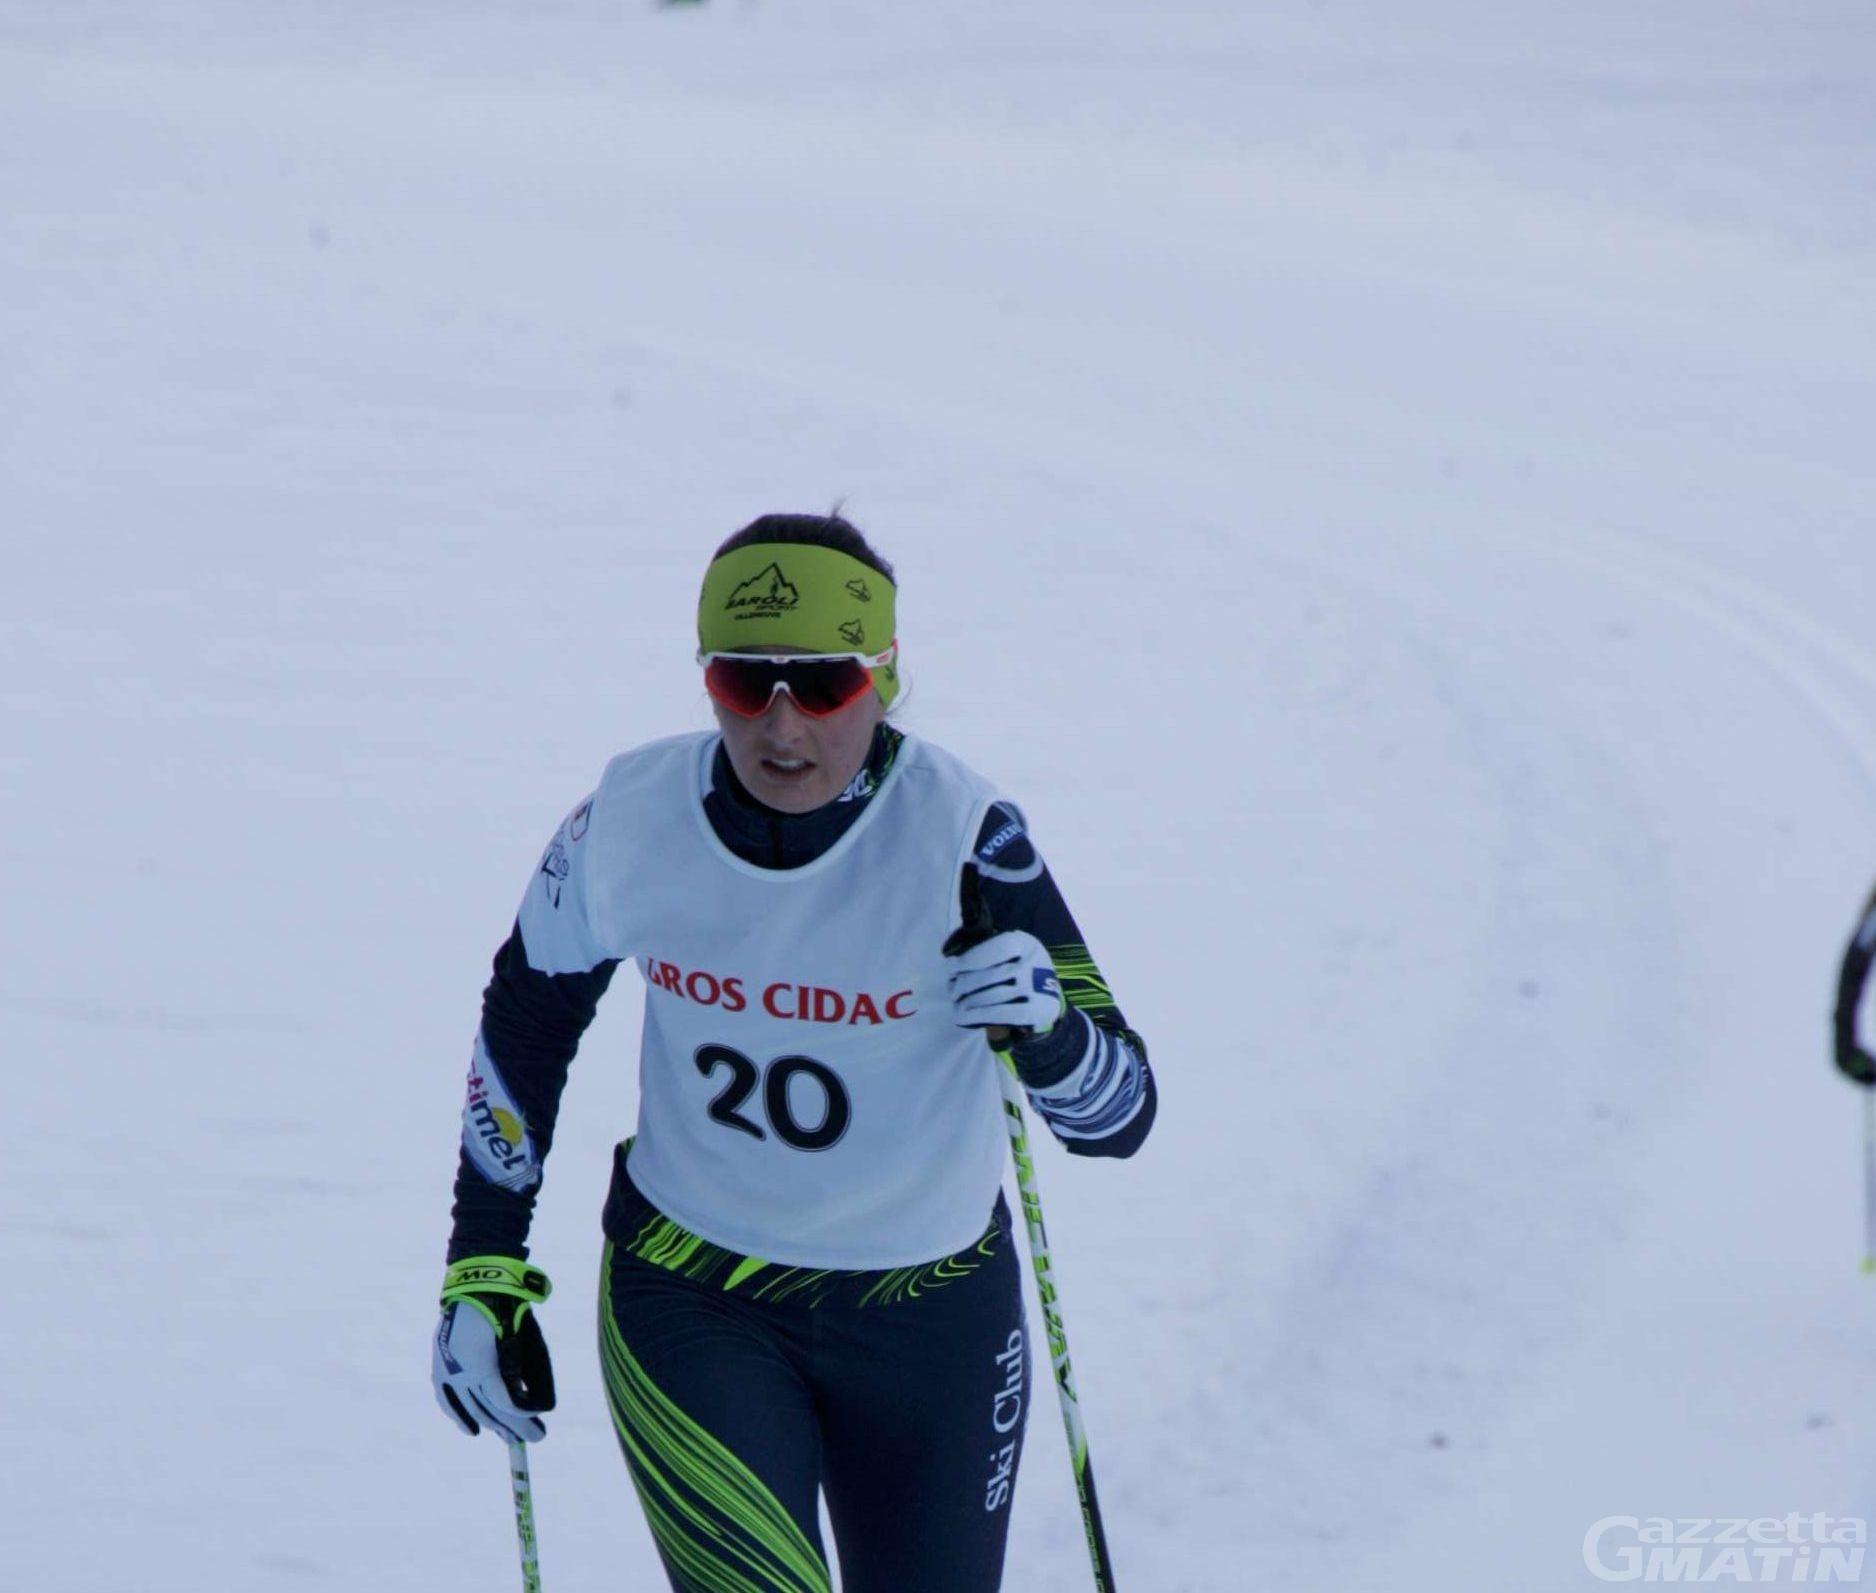 Sci nordico: Nayeli Mariotti Cavagnet sfiora il podio nello Skiri Trophy